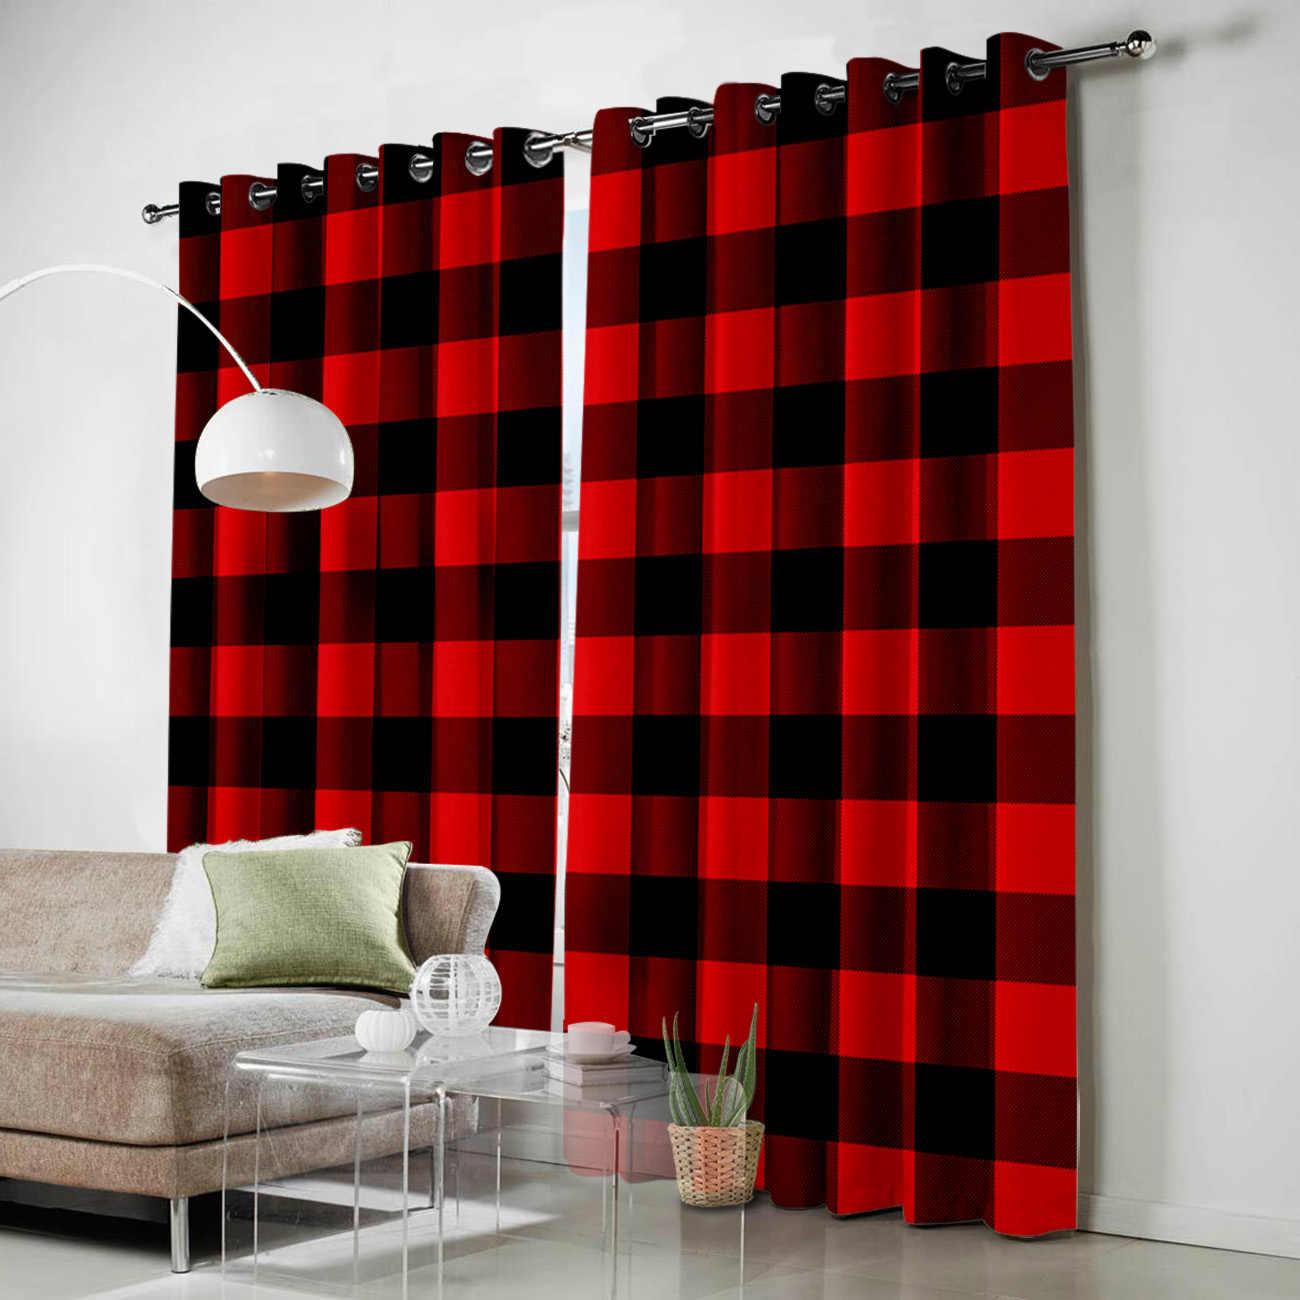 traitement a carreaux geometriques rouge et noir pour fenetre cantonniere pour fenetre de chambre a coucher rideaux de cuisine